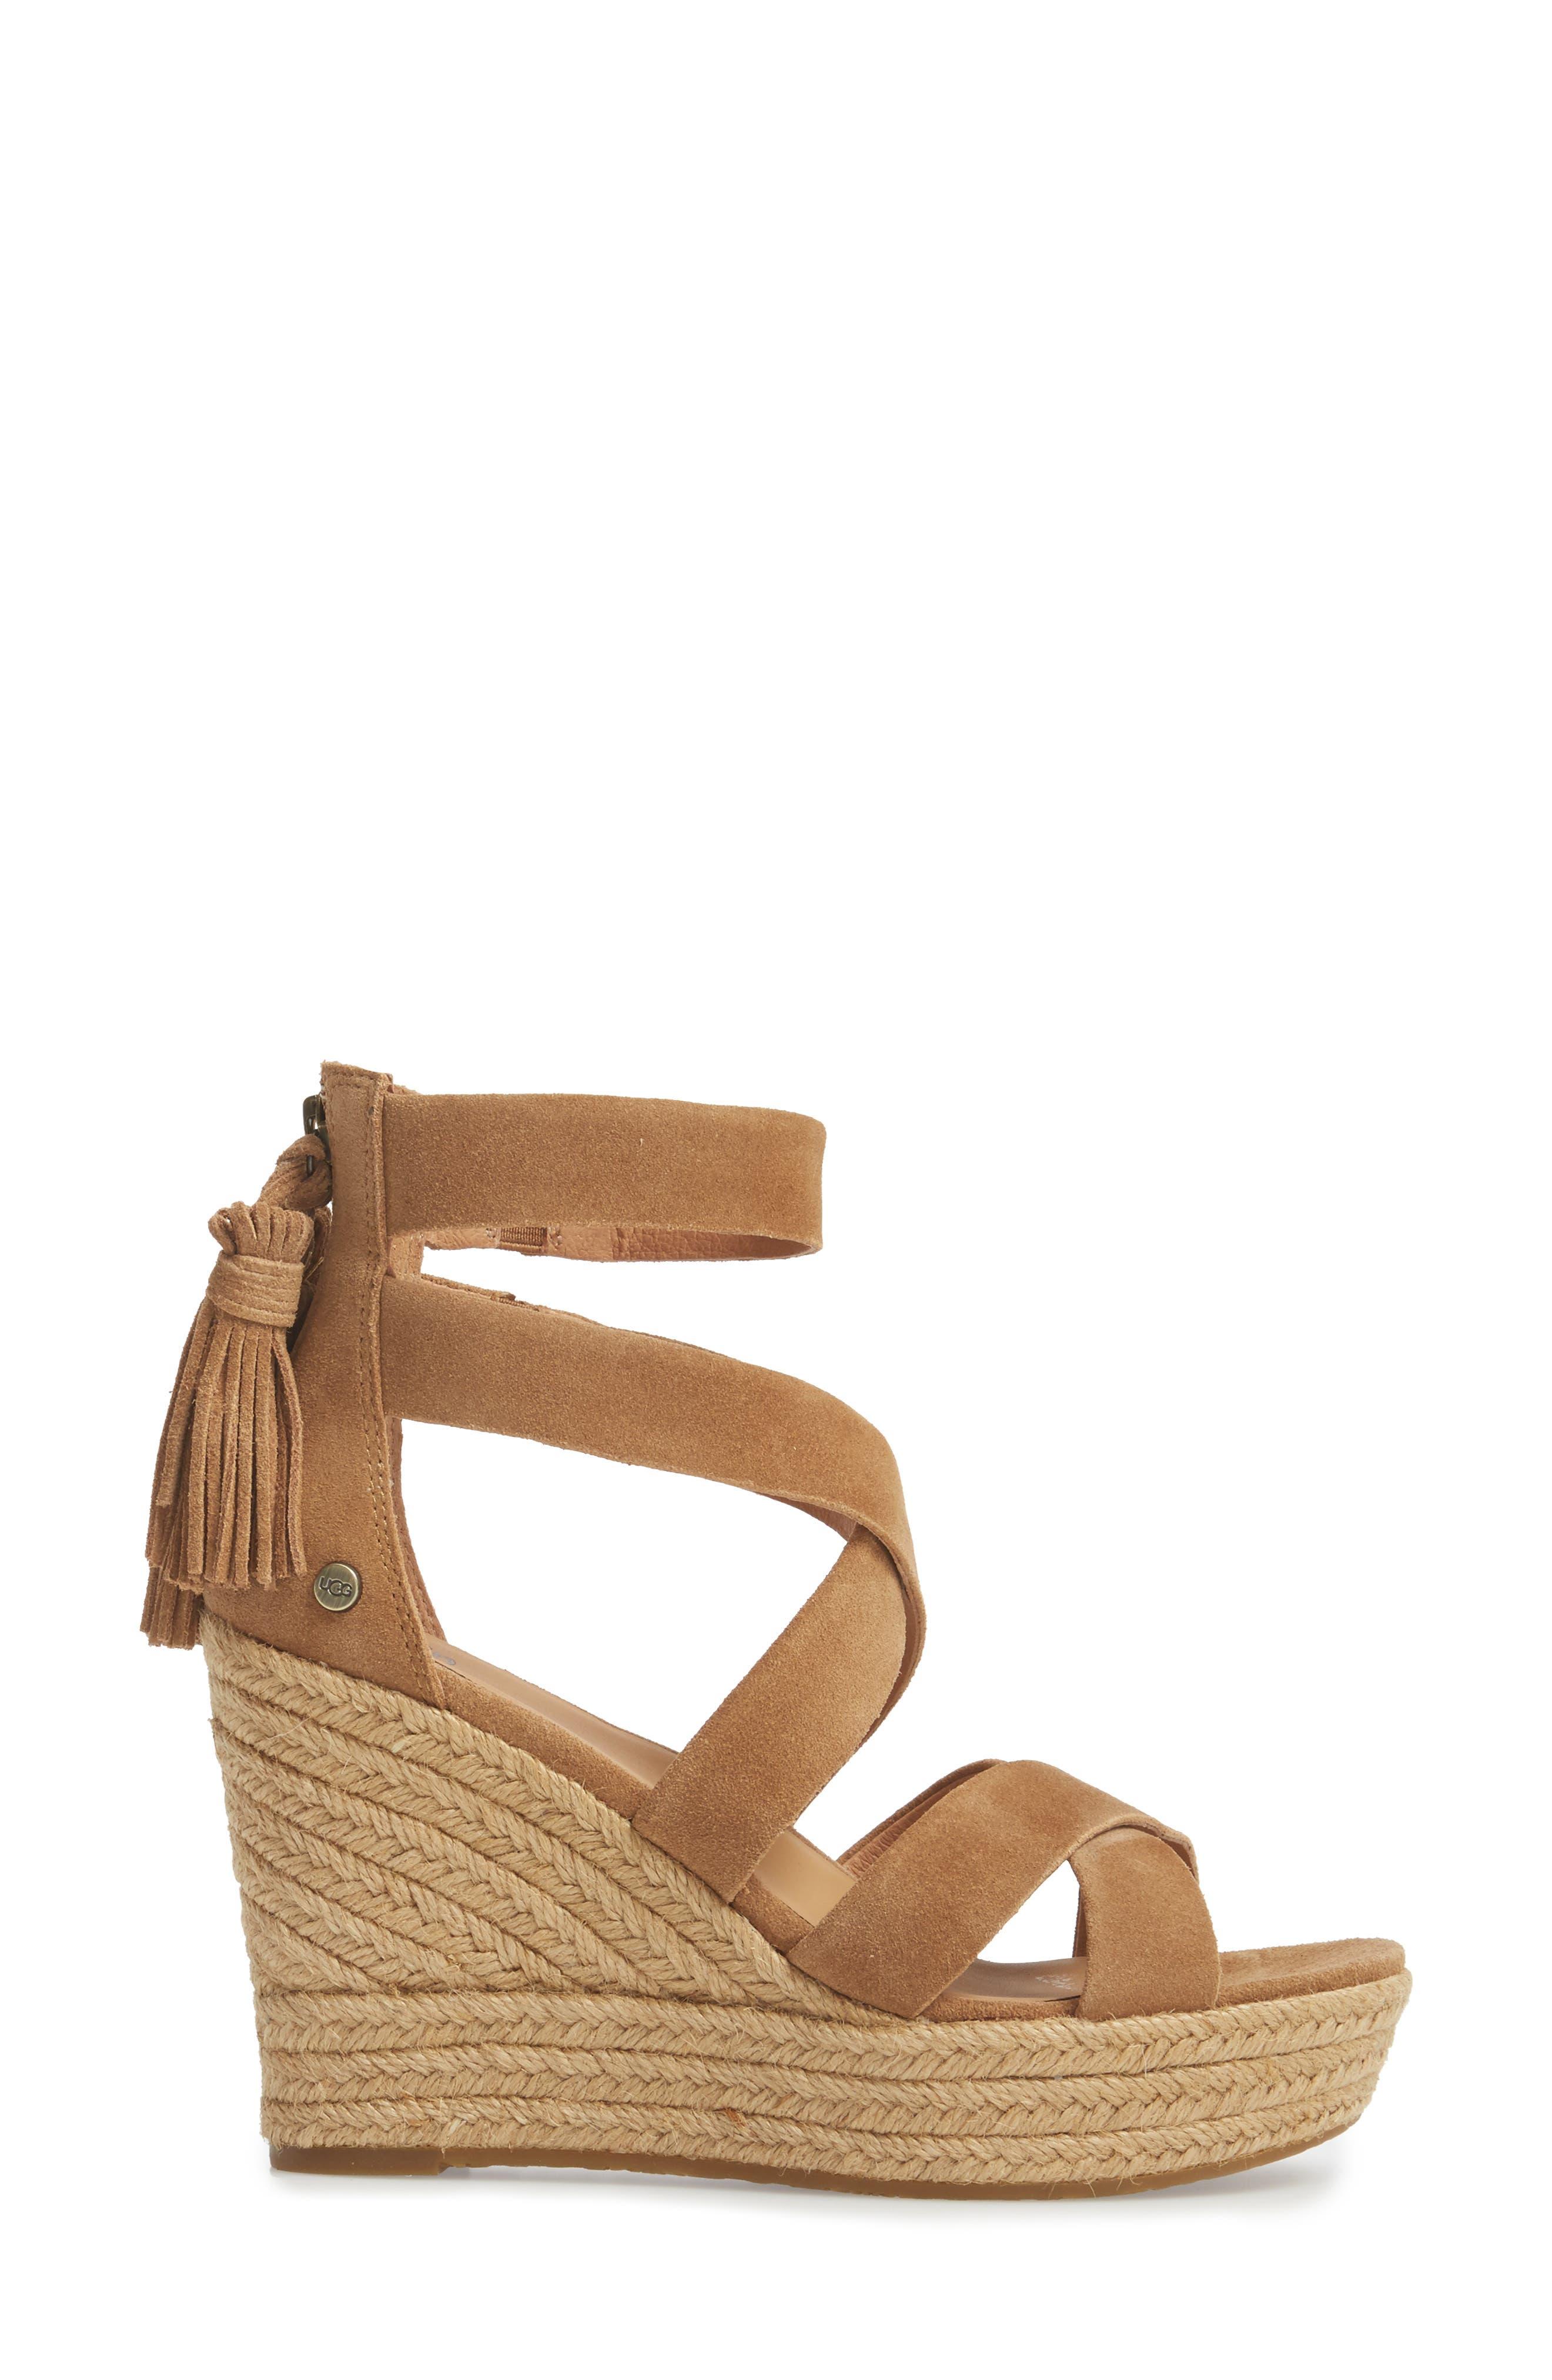 Raquel Platform Wedge Sandal,                             Alternate thumbnail 6, color,